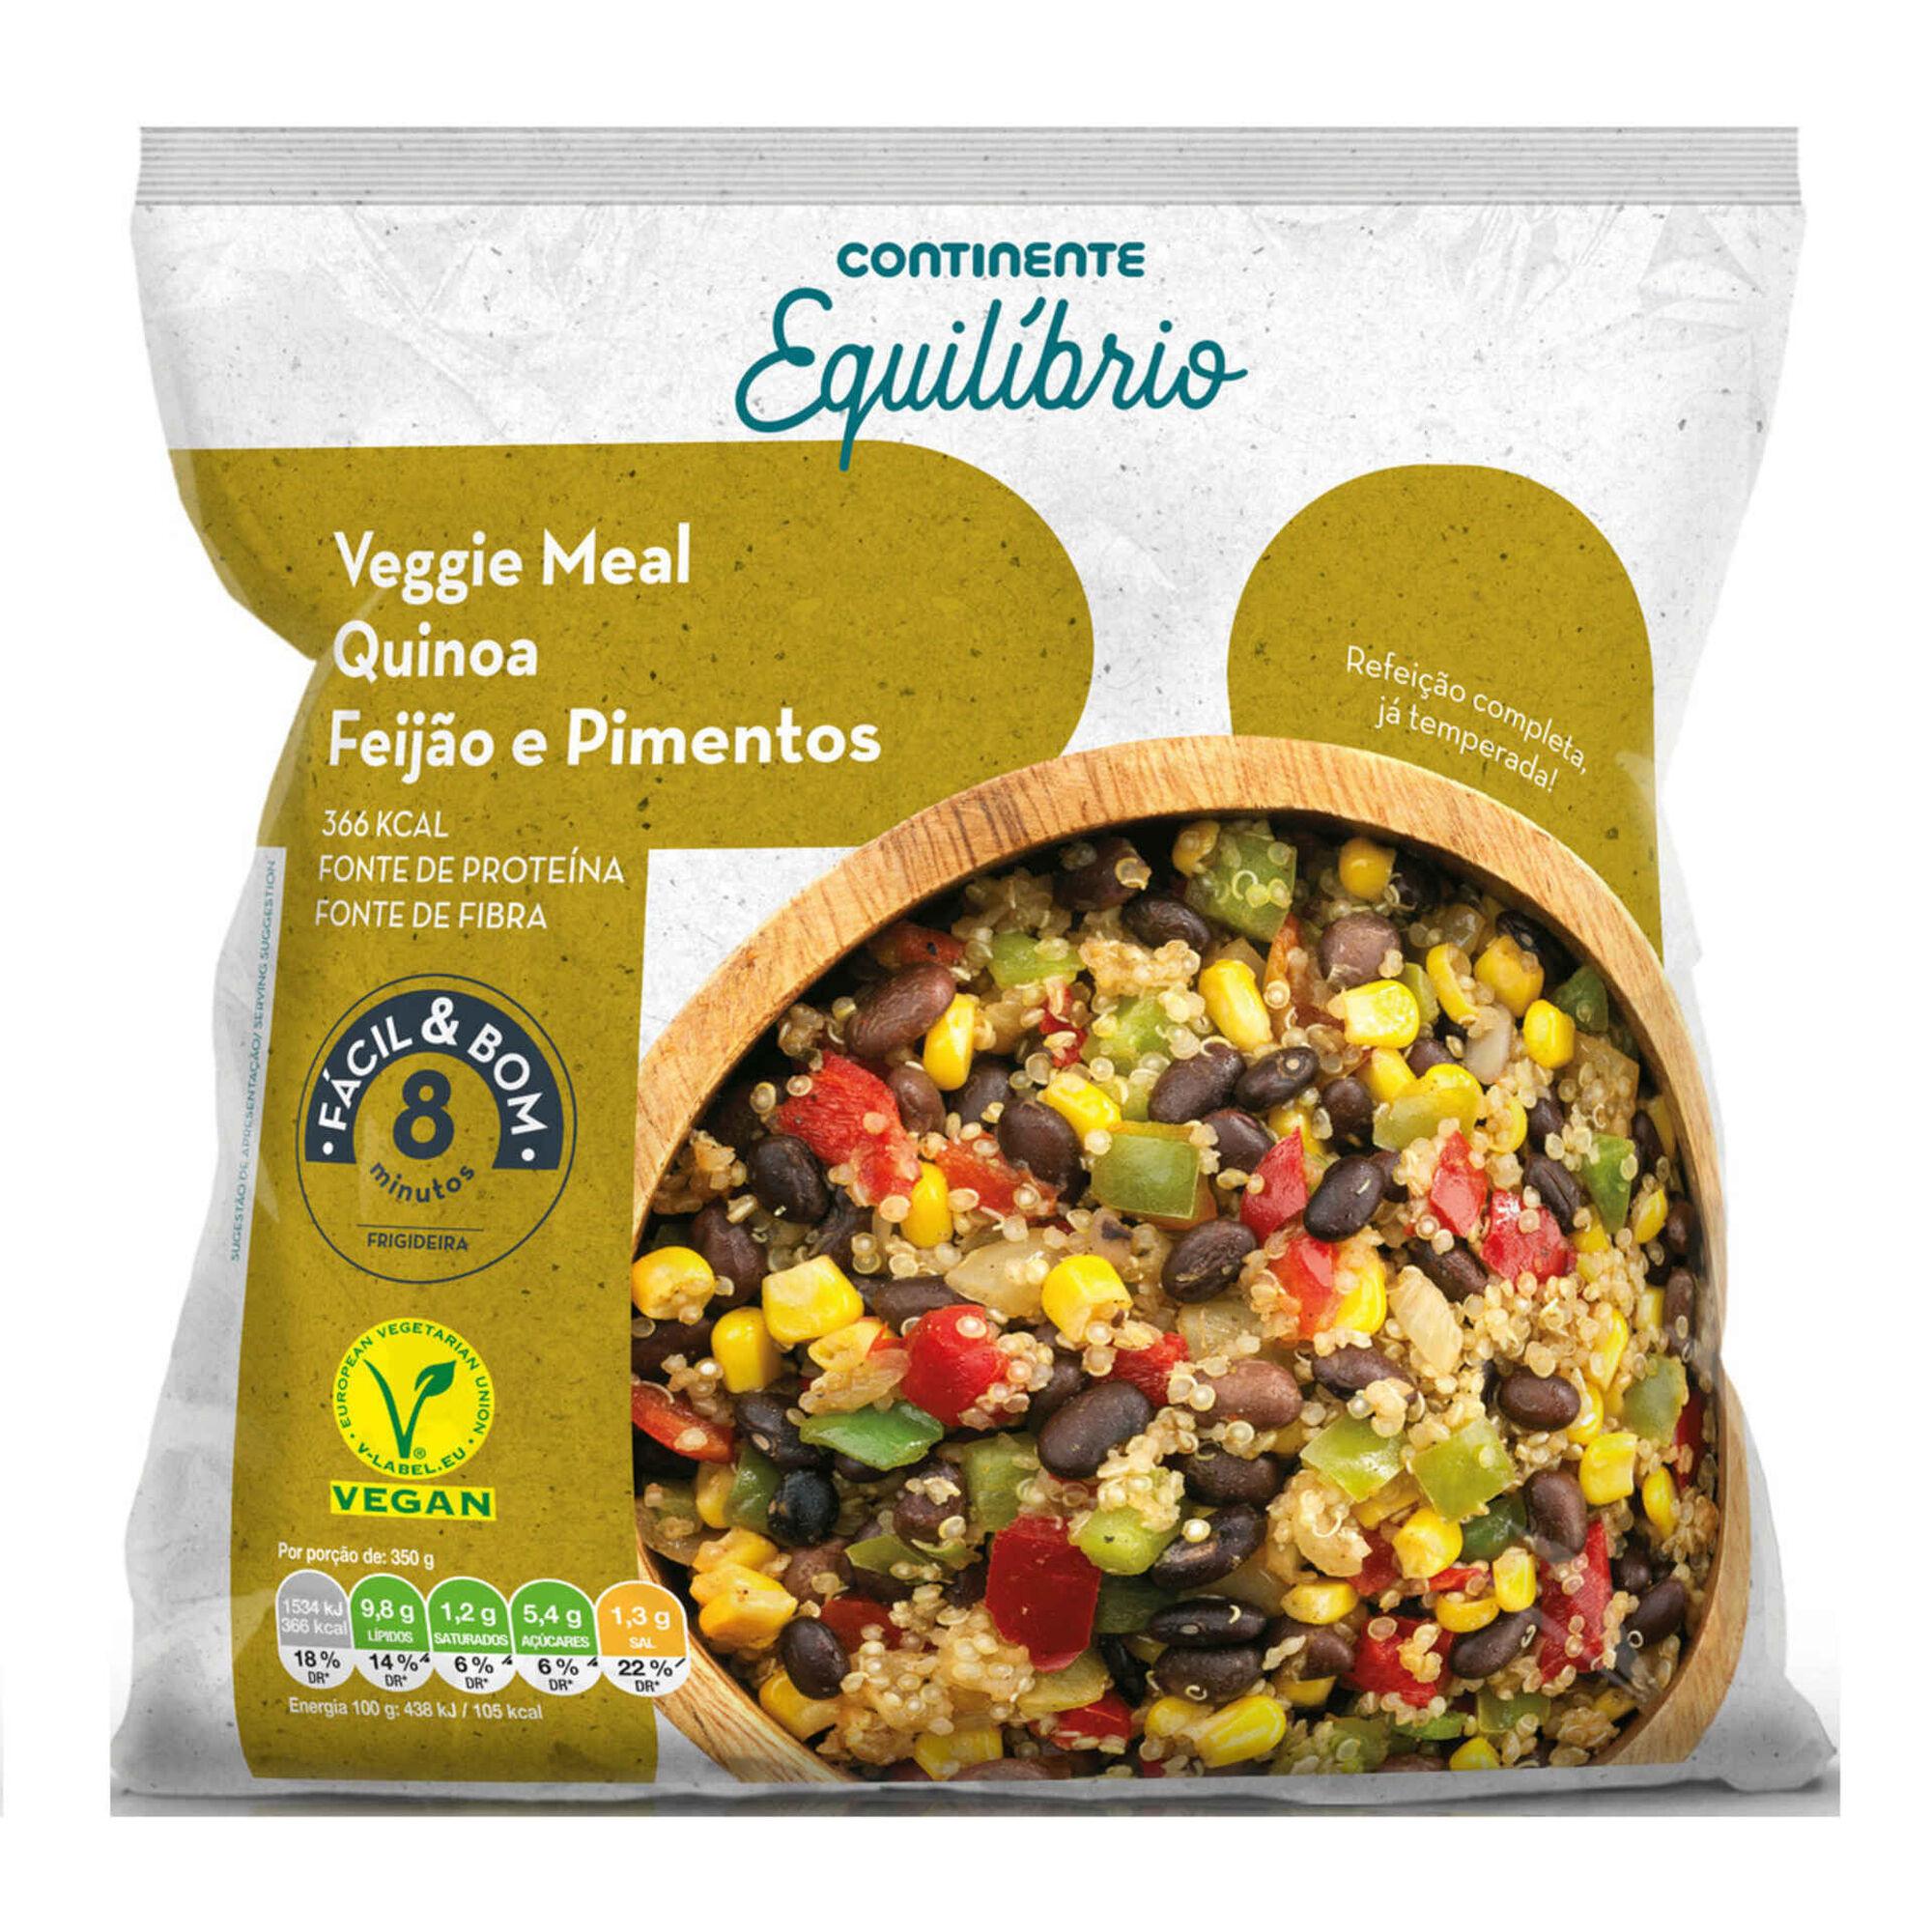 Refeição Vegetariana de Quinoa, Feijão e Pimentos